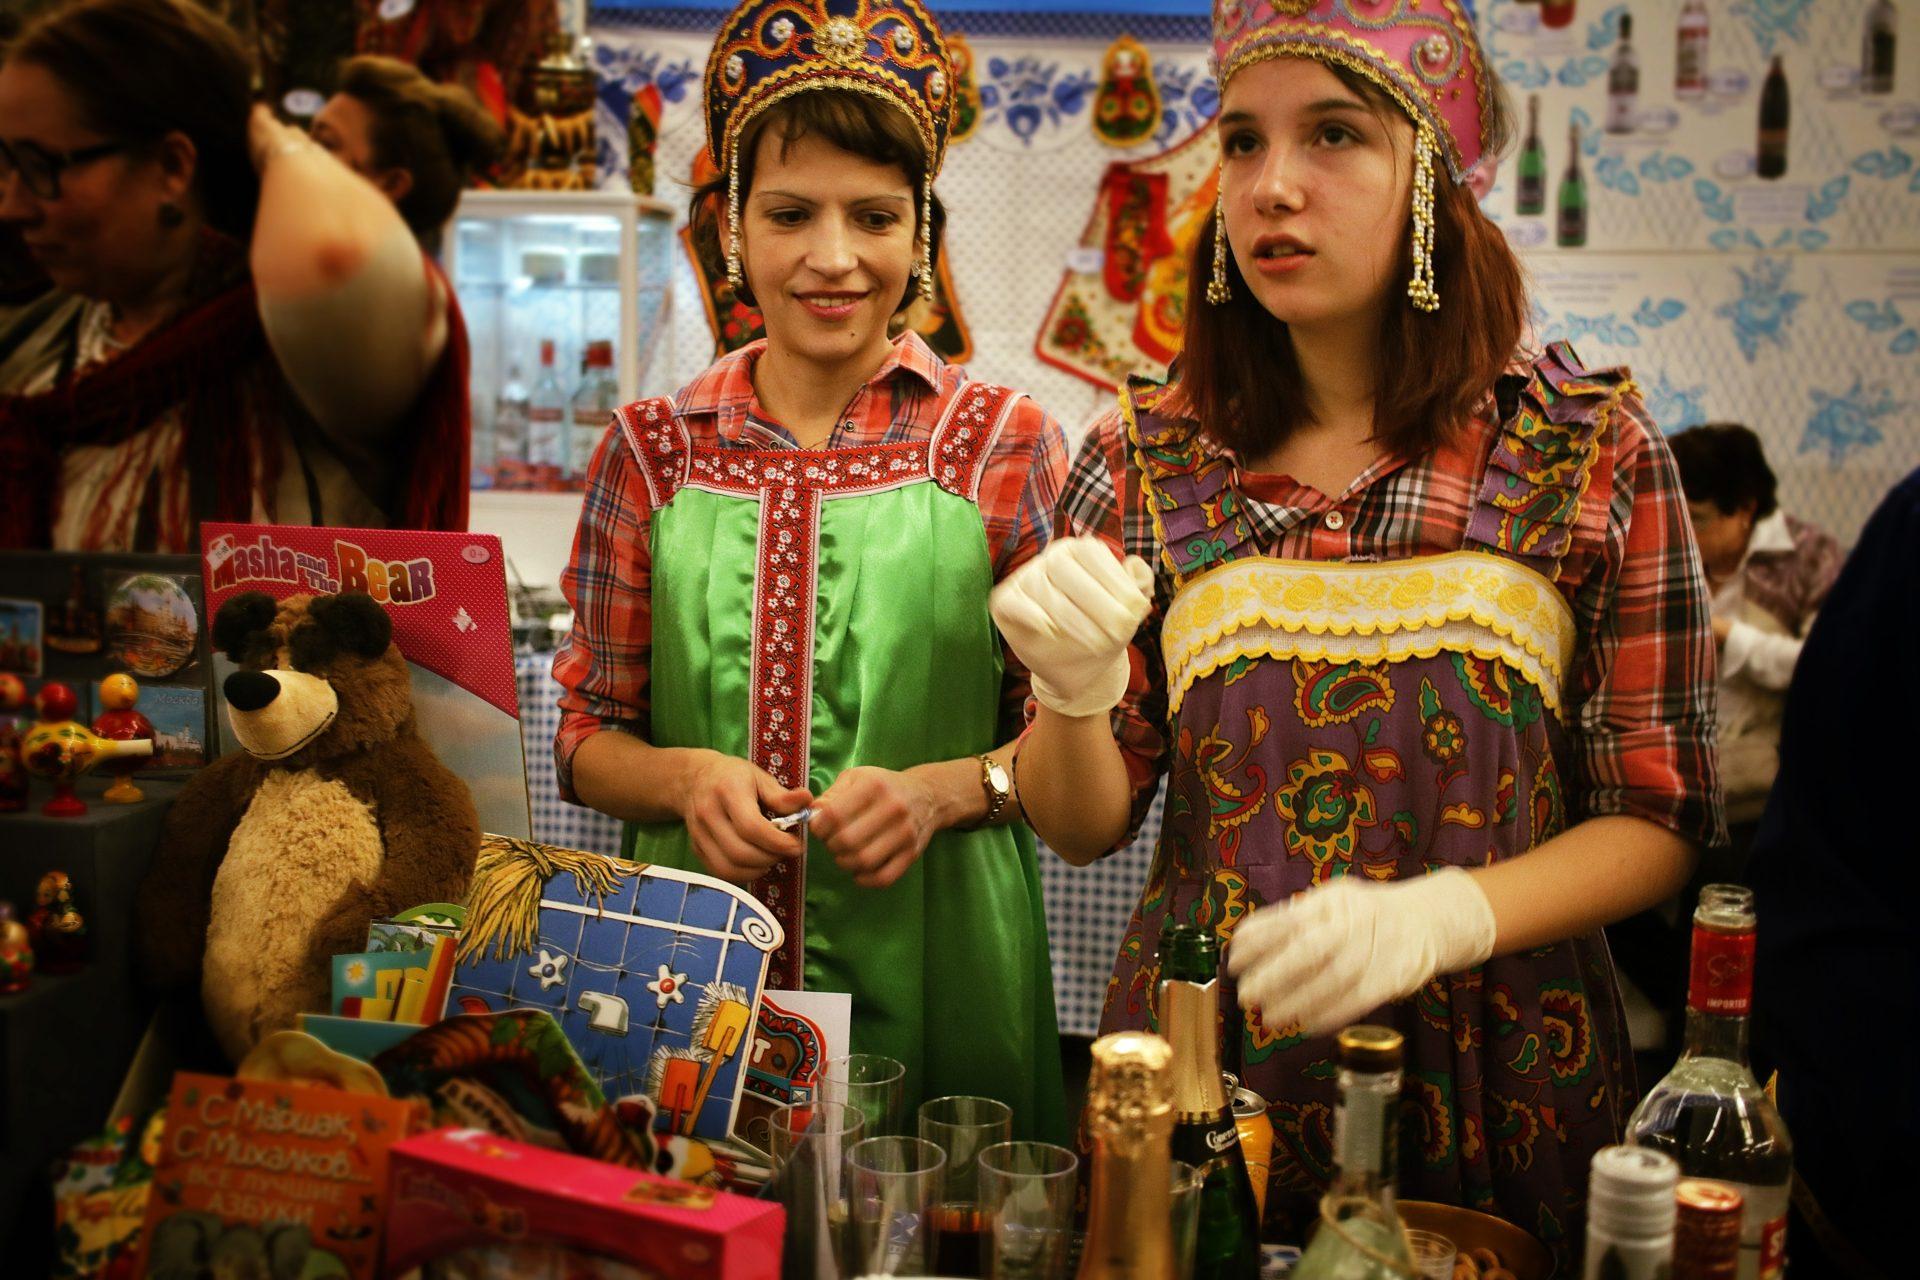 folk market scene